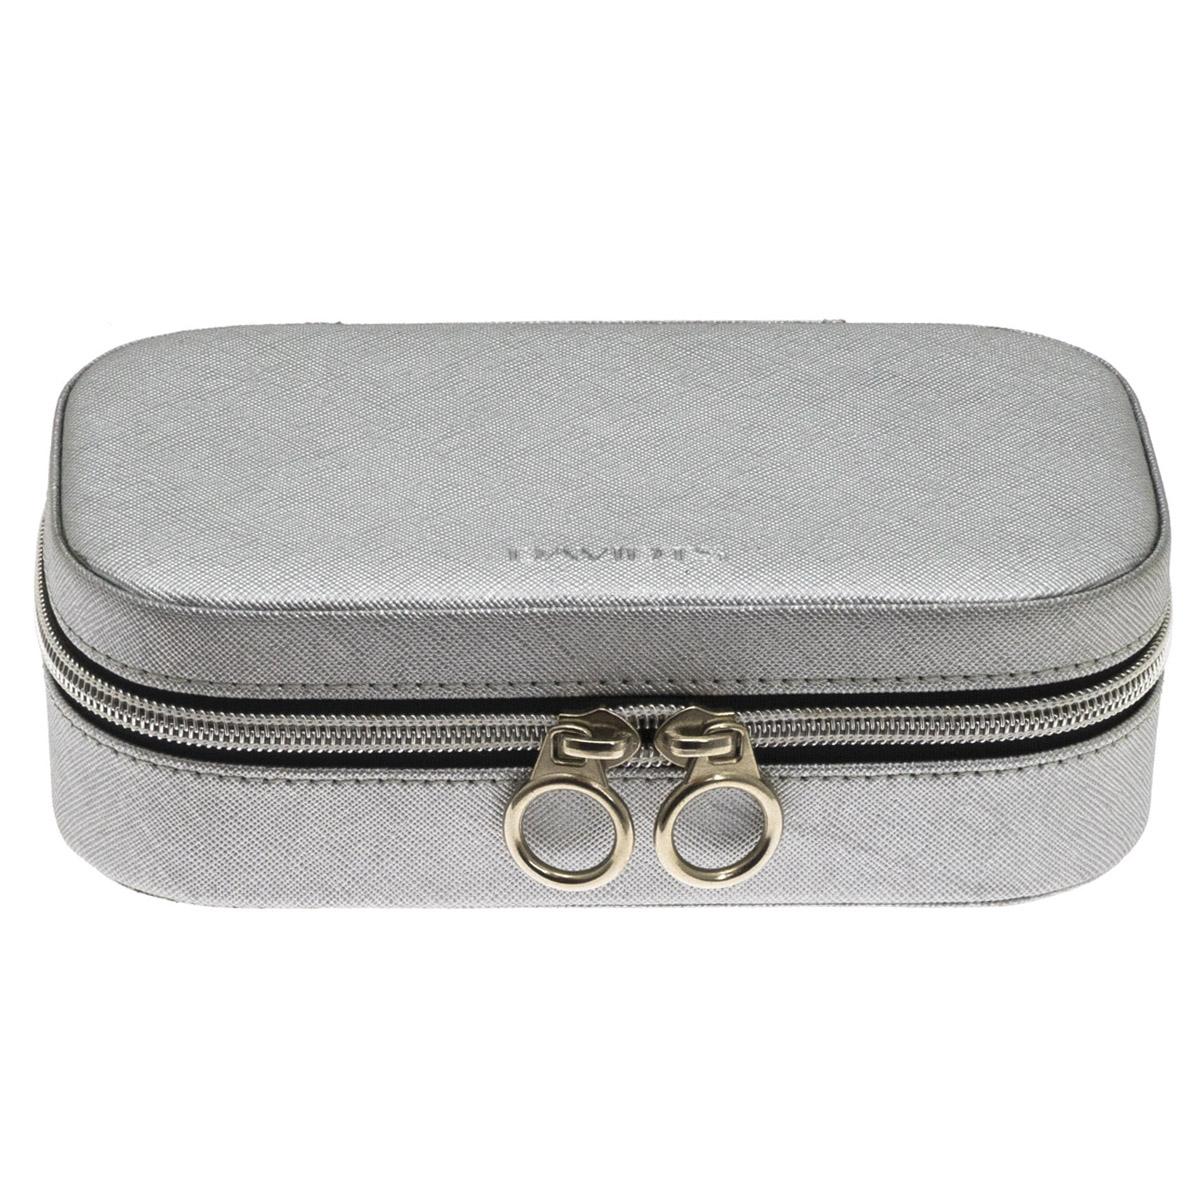 Coffret à bijoux zippé \'Zip\'n go\' gris argenté - 18x103x55 cm - [Q9148]